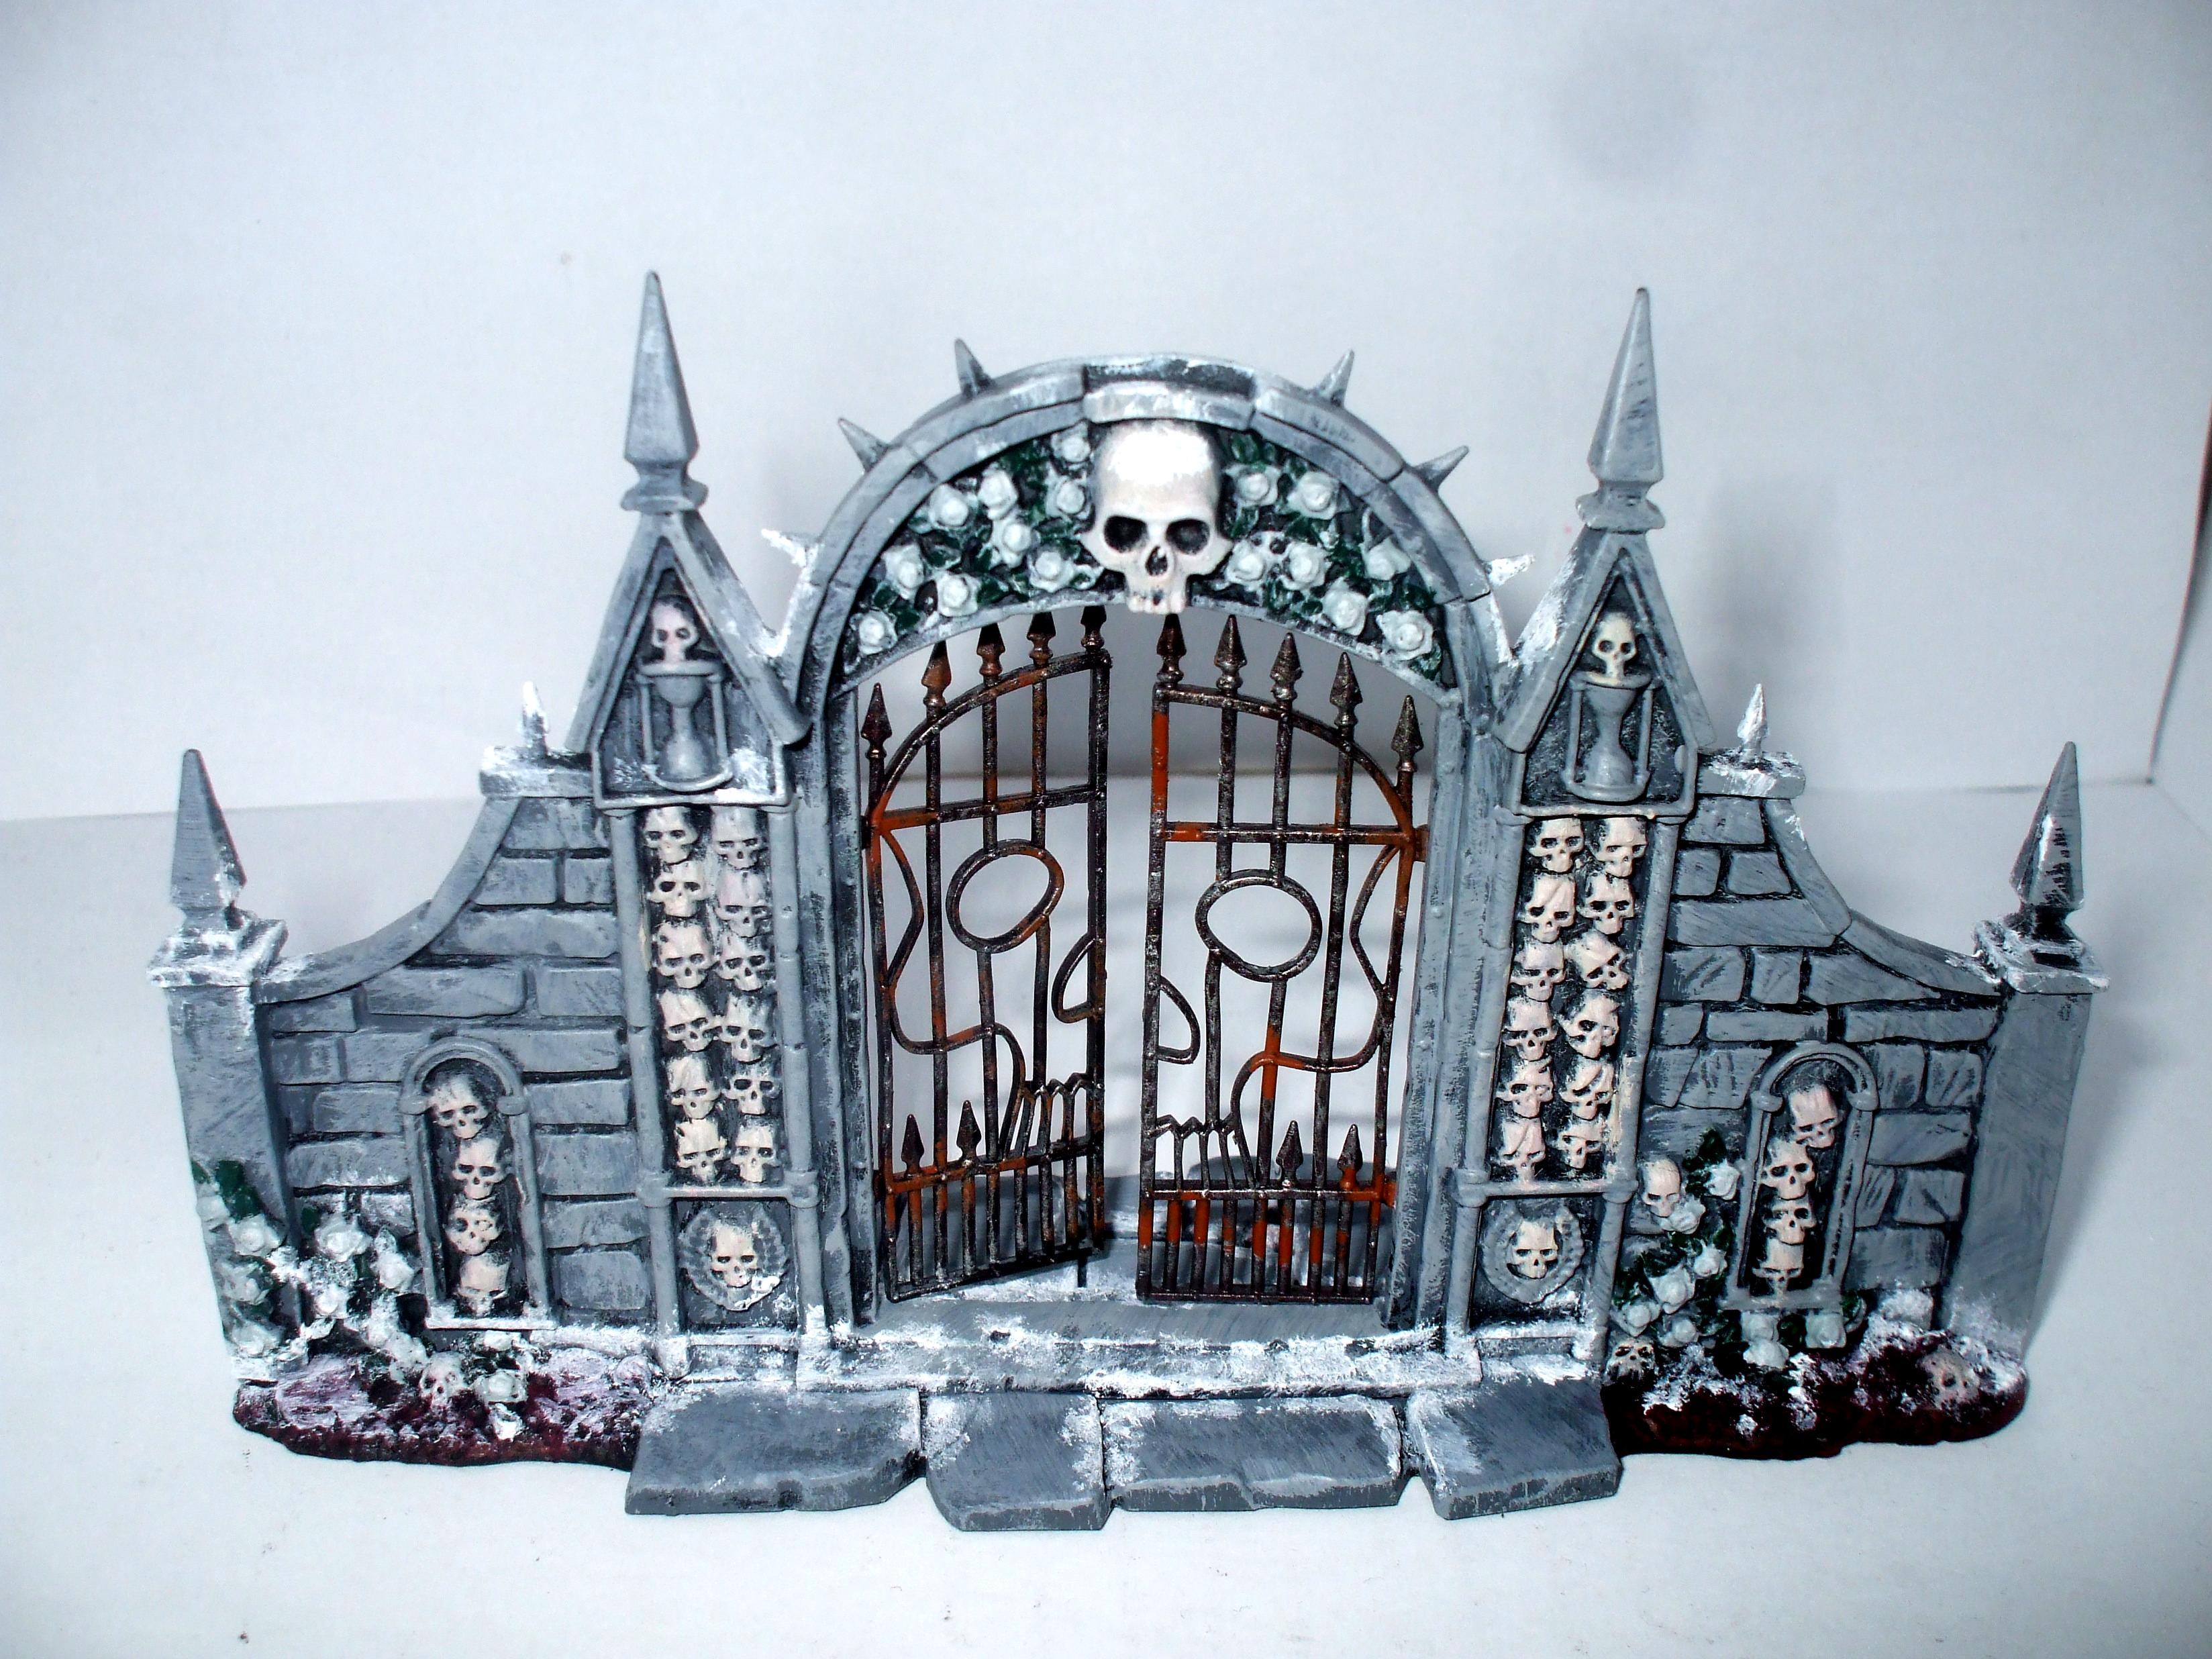 garden of morr gate